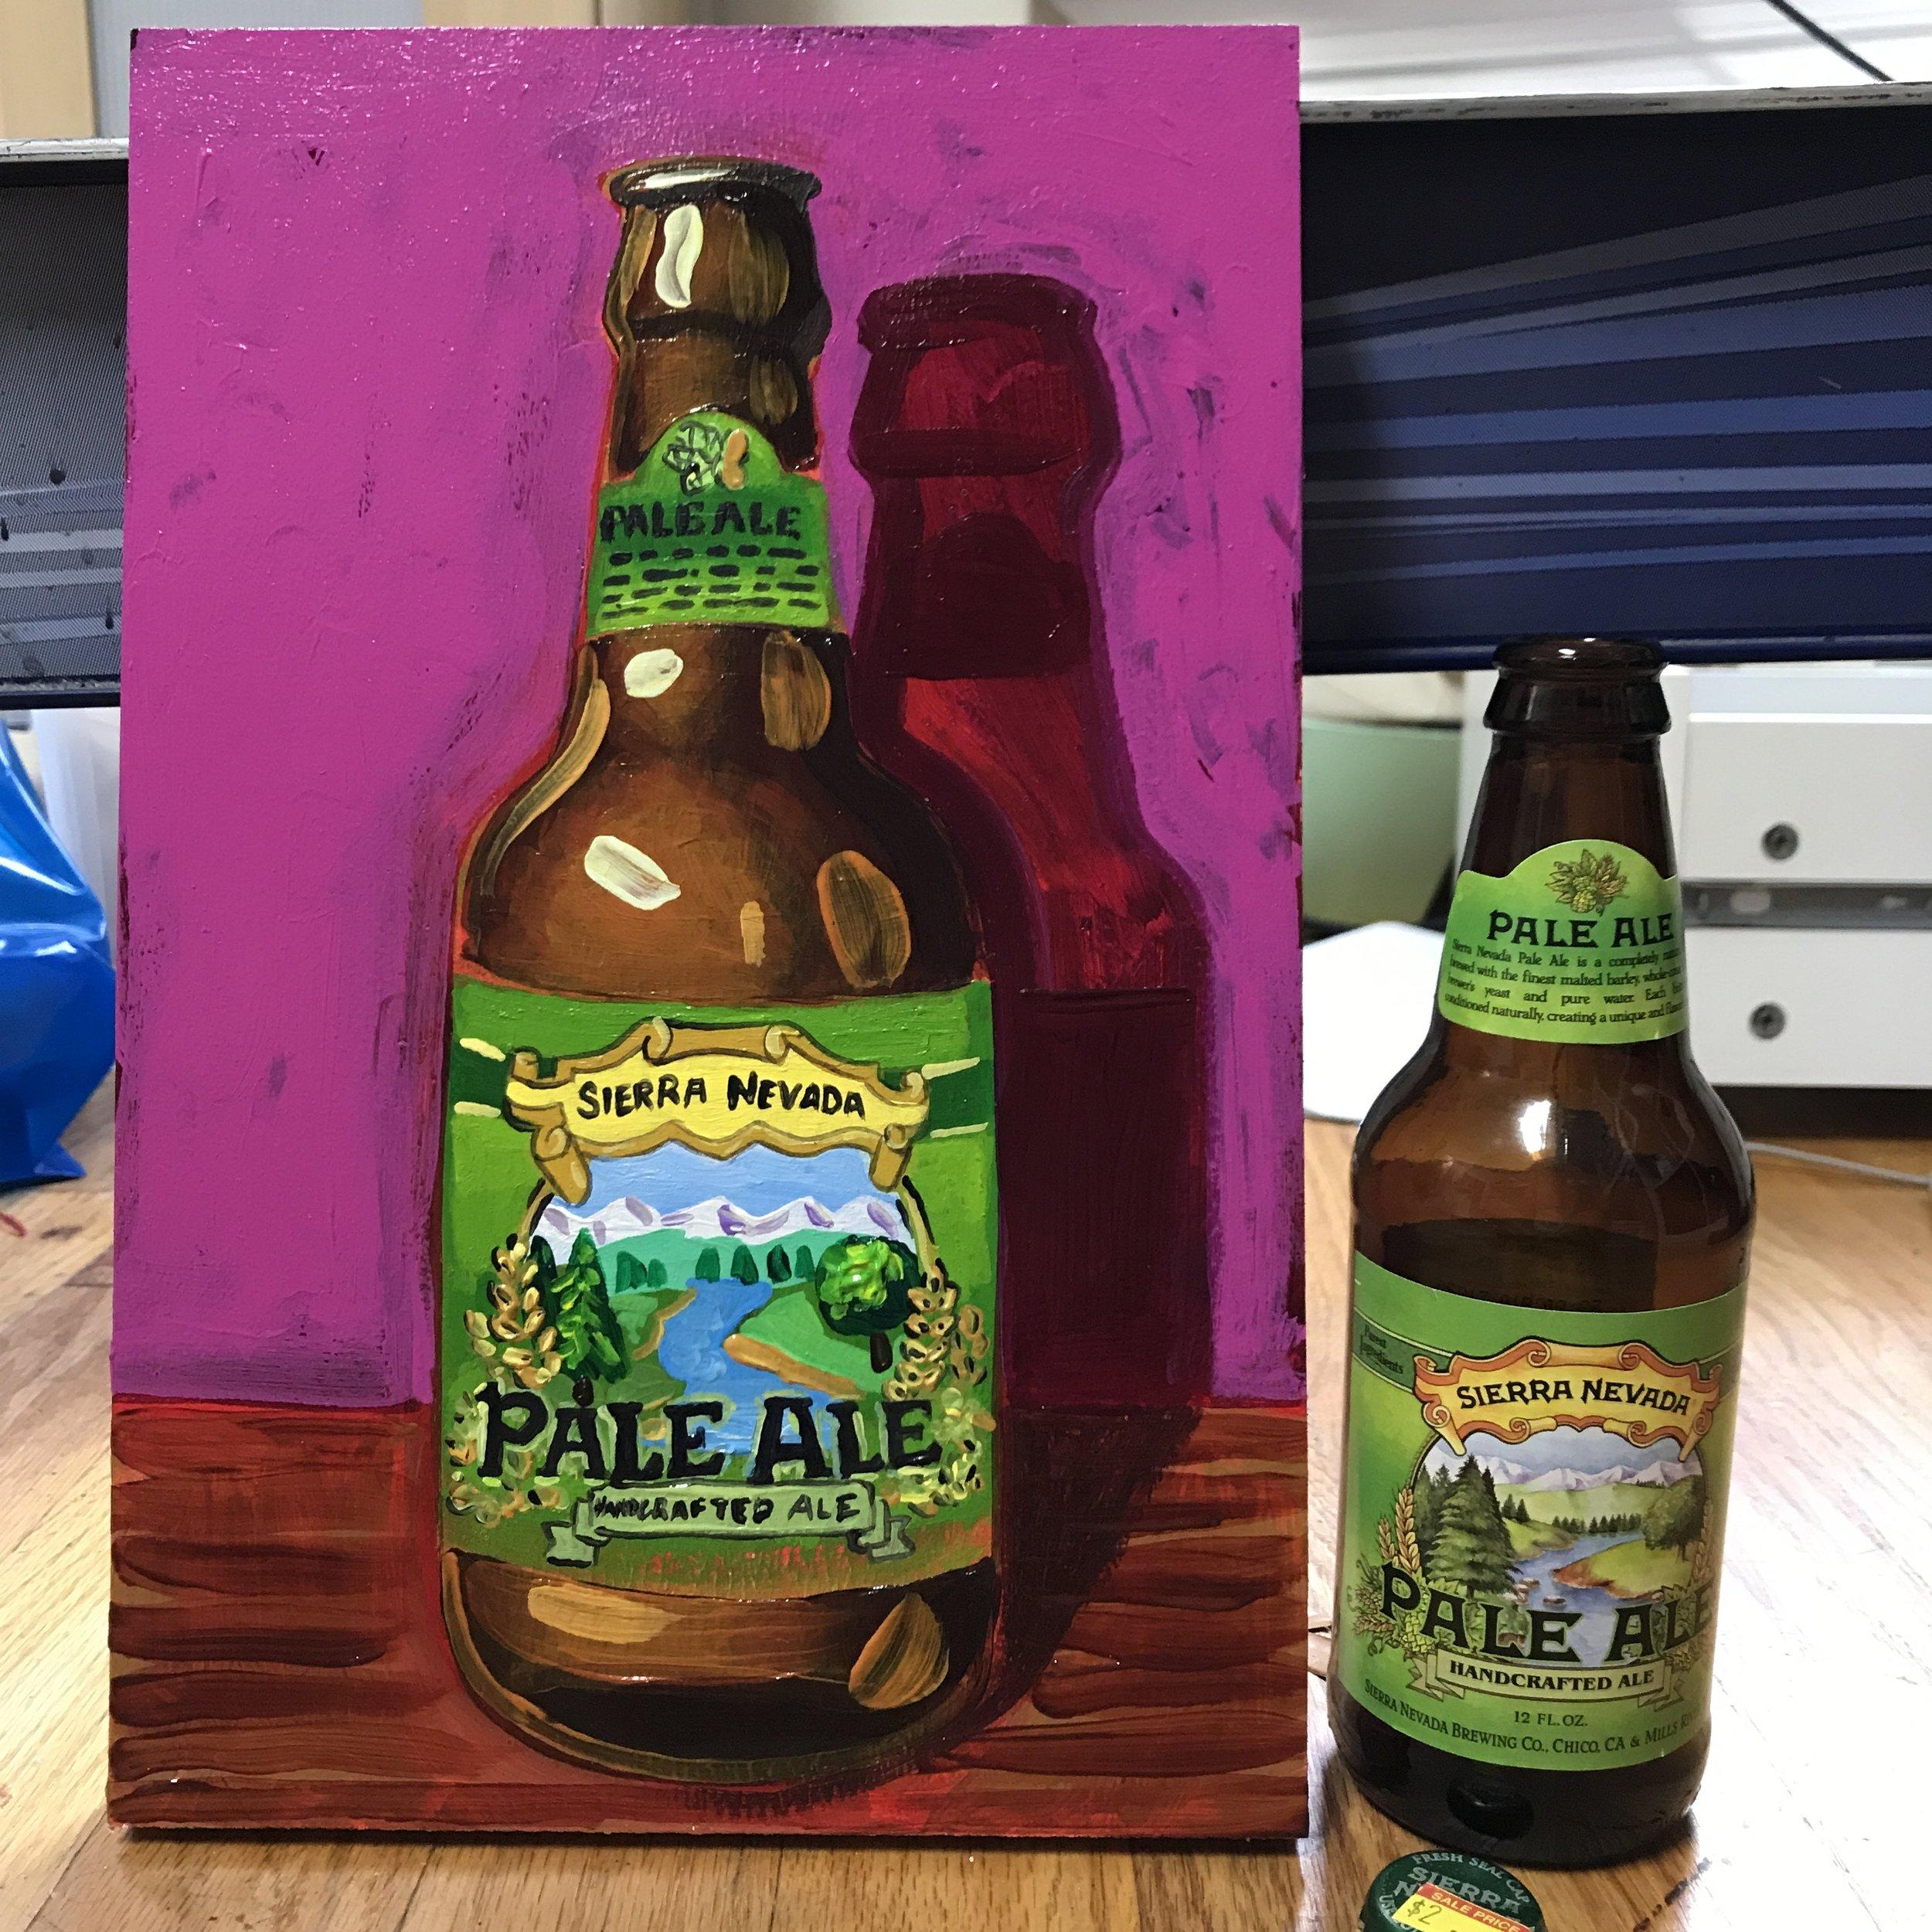 75 Sierra Nevada Pale Ale (USA)